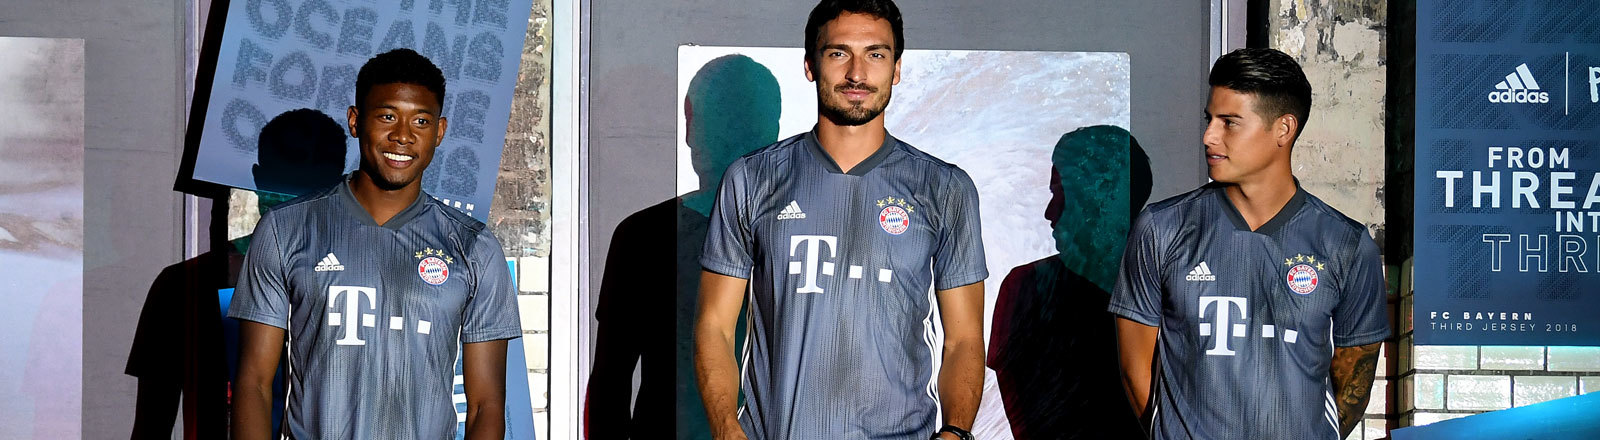 Drei Spieler des FC Bayern München präsentieren das neue Trikot